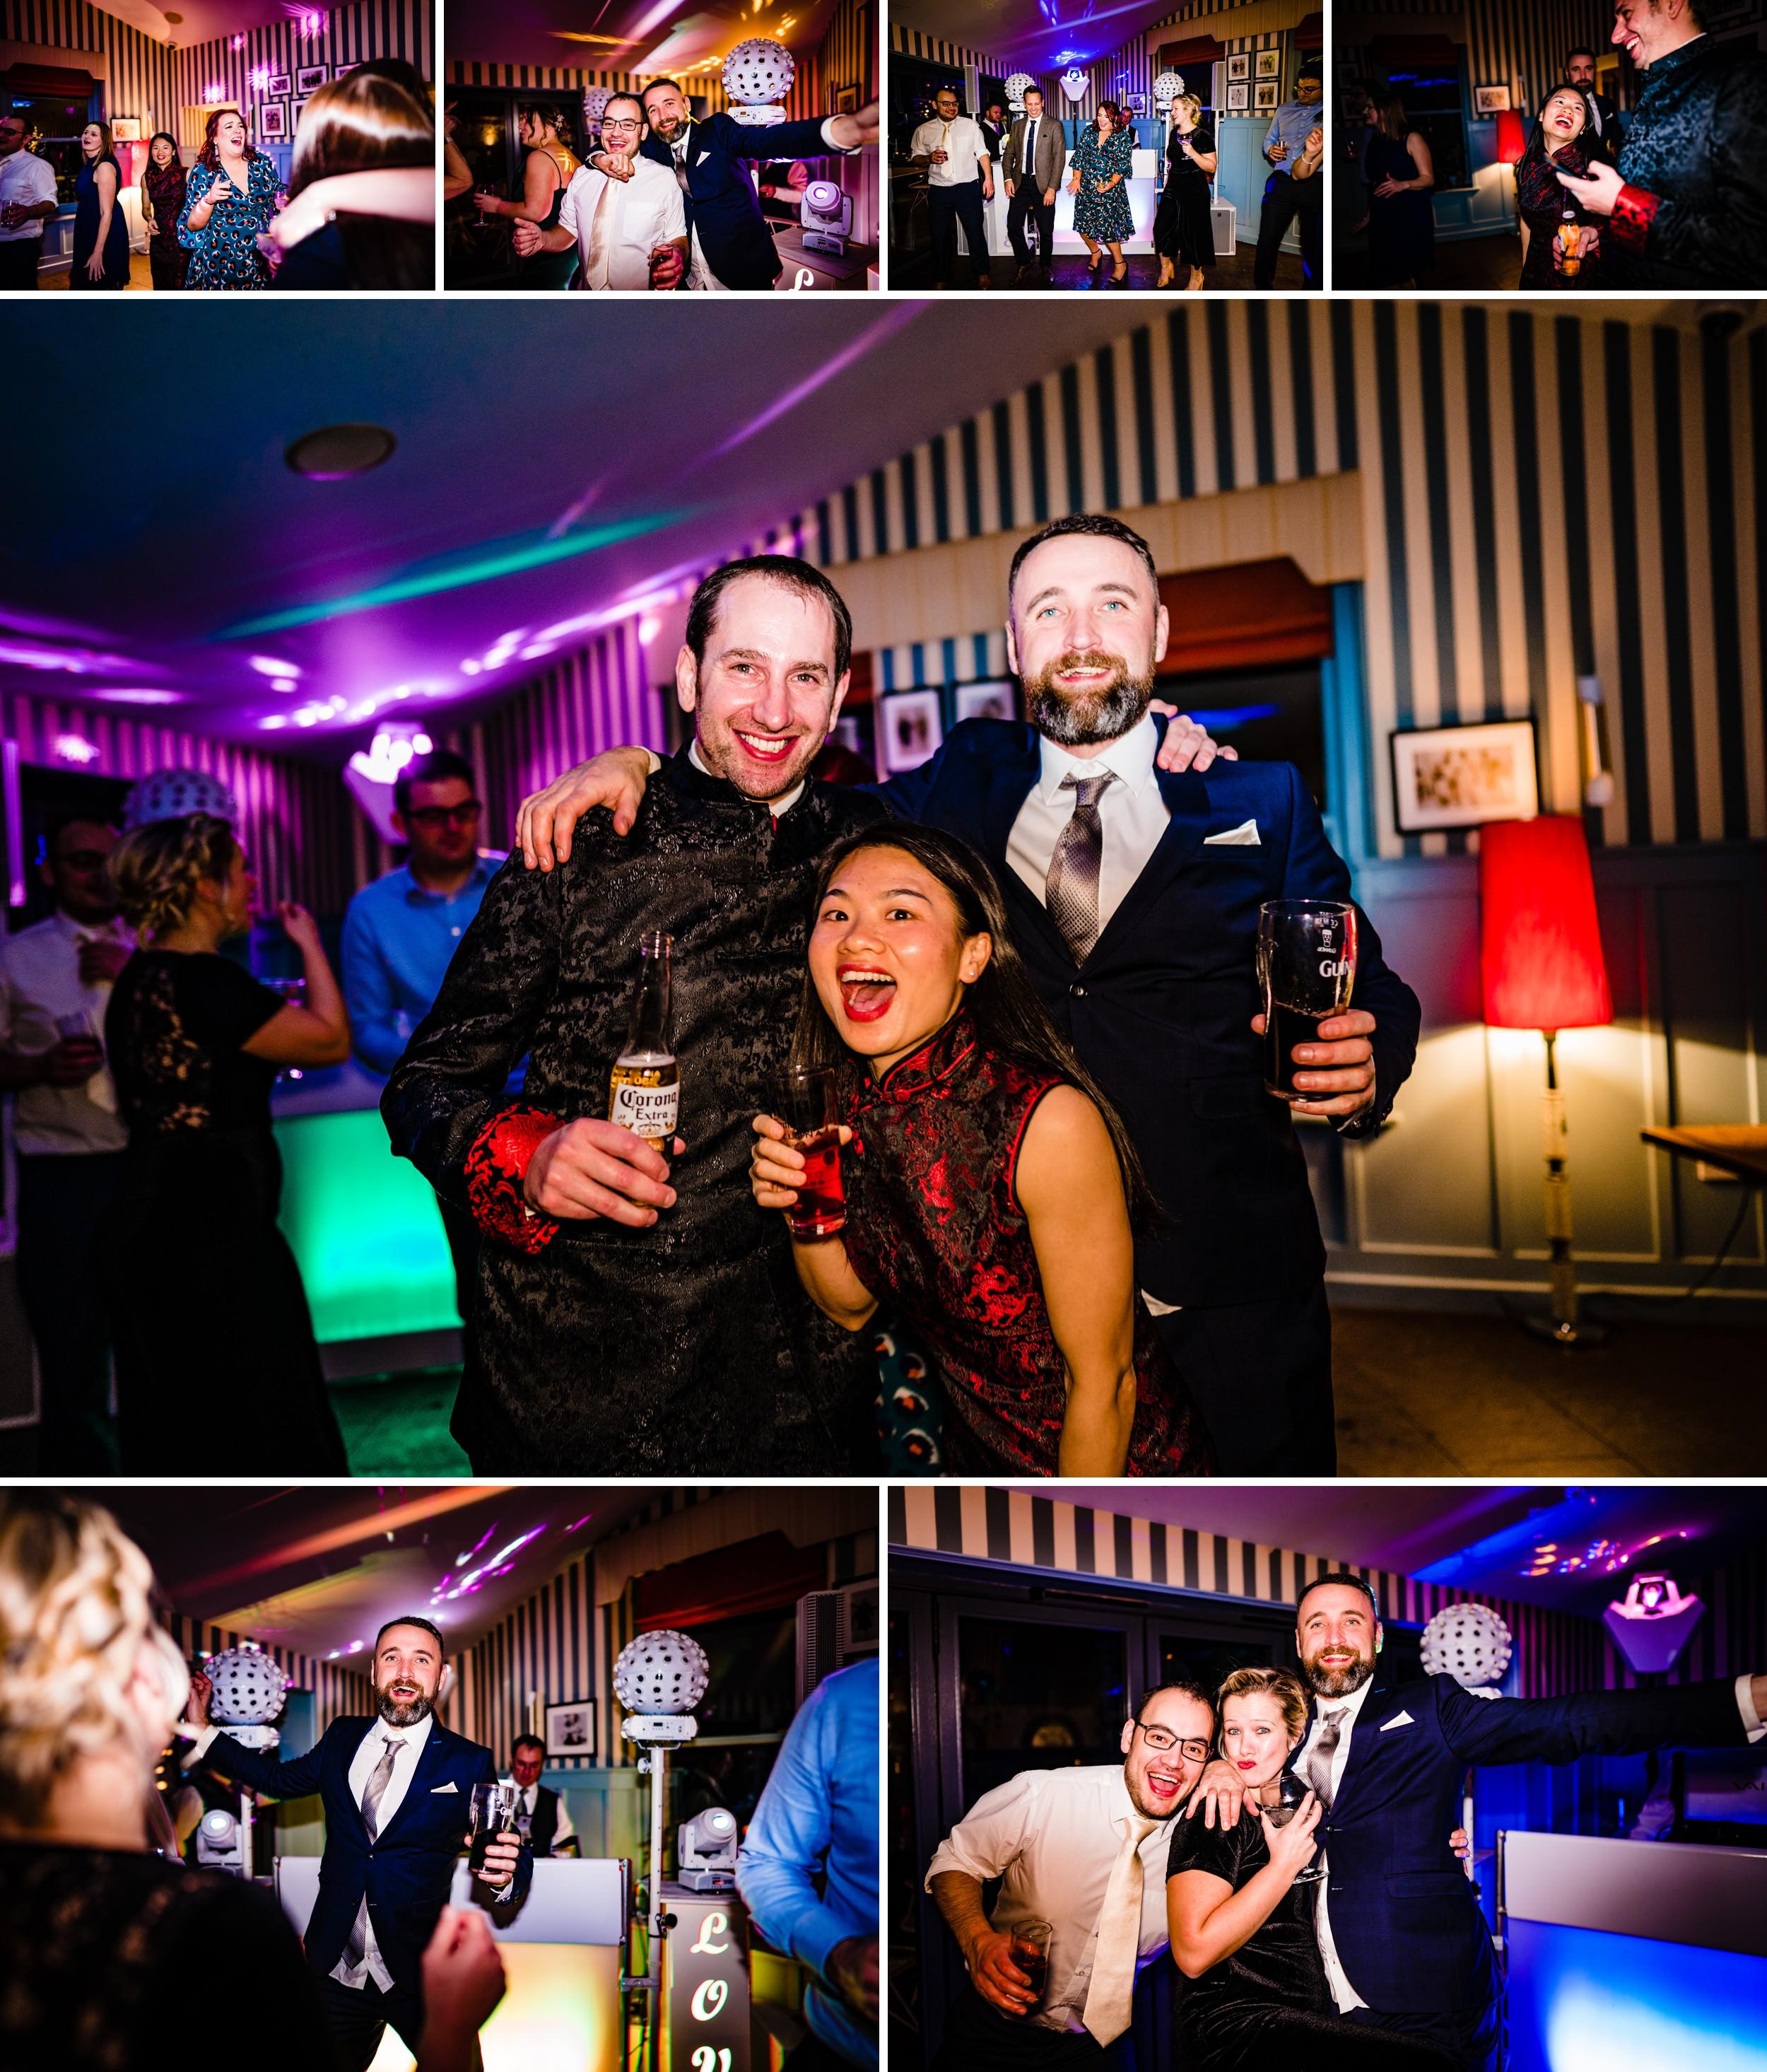 Titchwell-manor-north-norfolk-wedding_Michelle-Oliver_0026.jpg